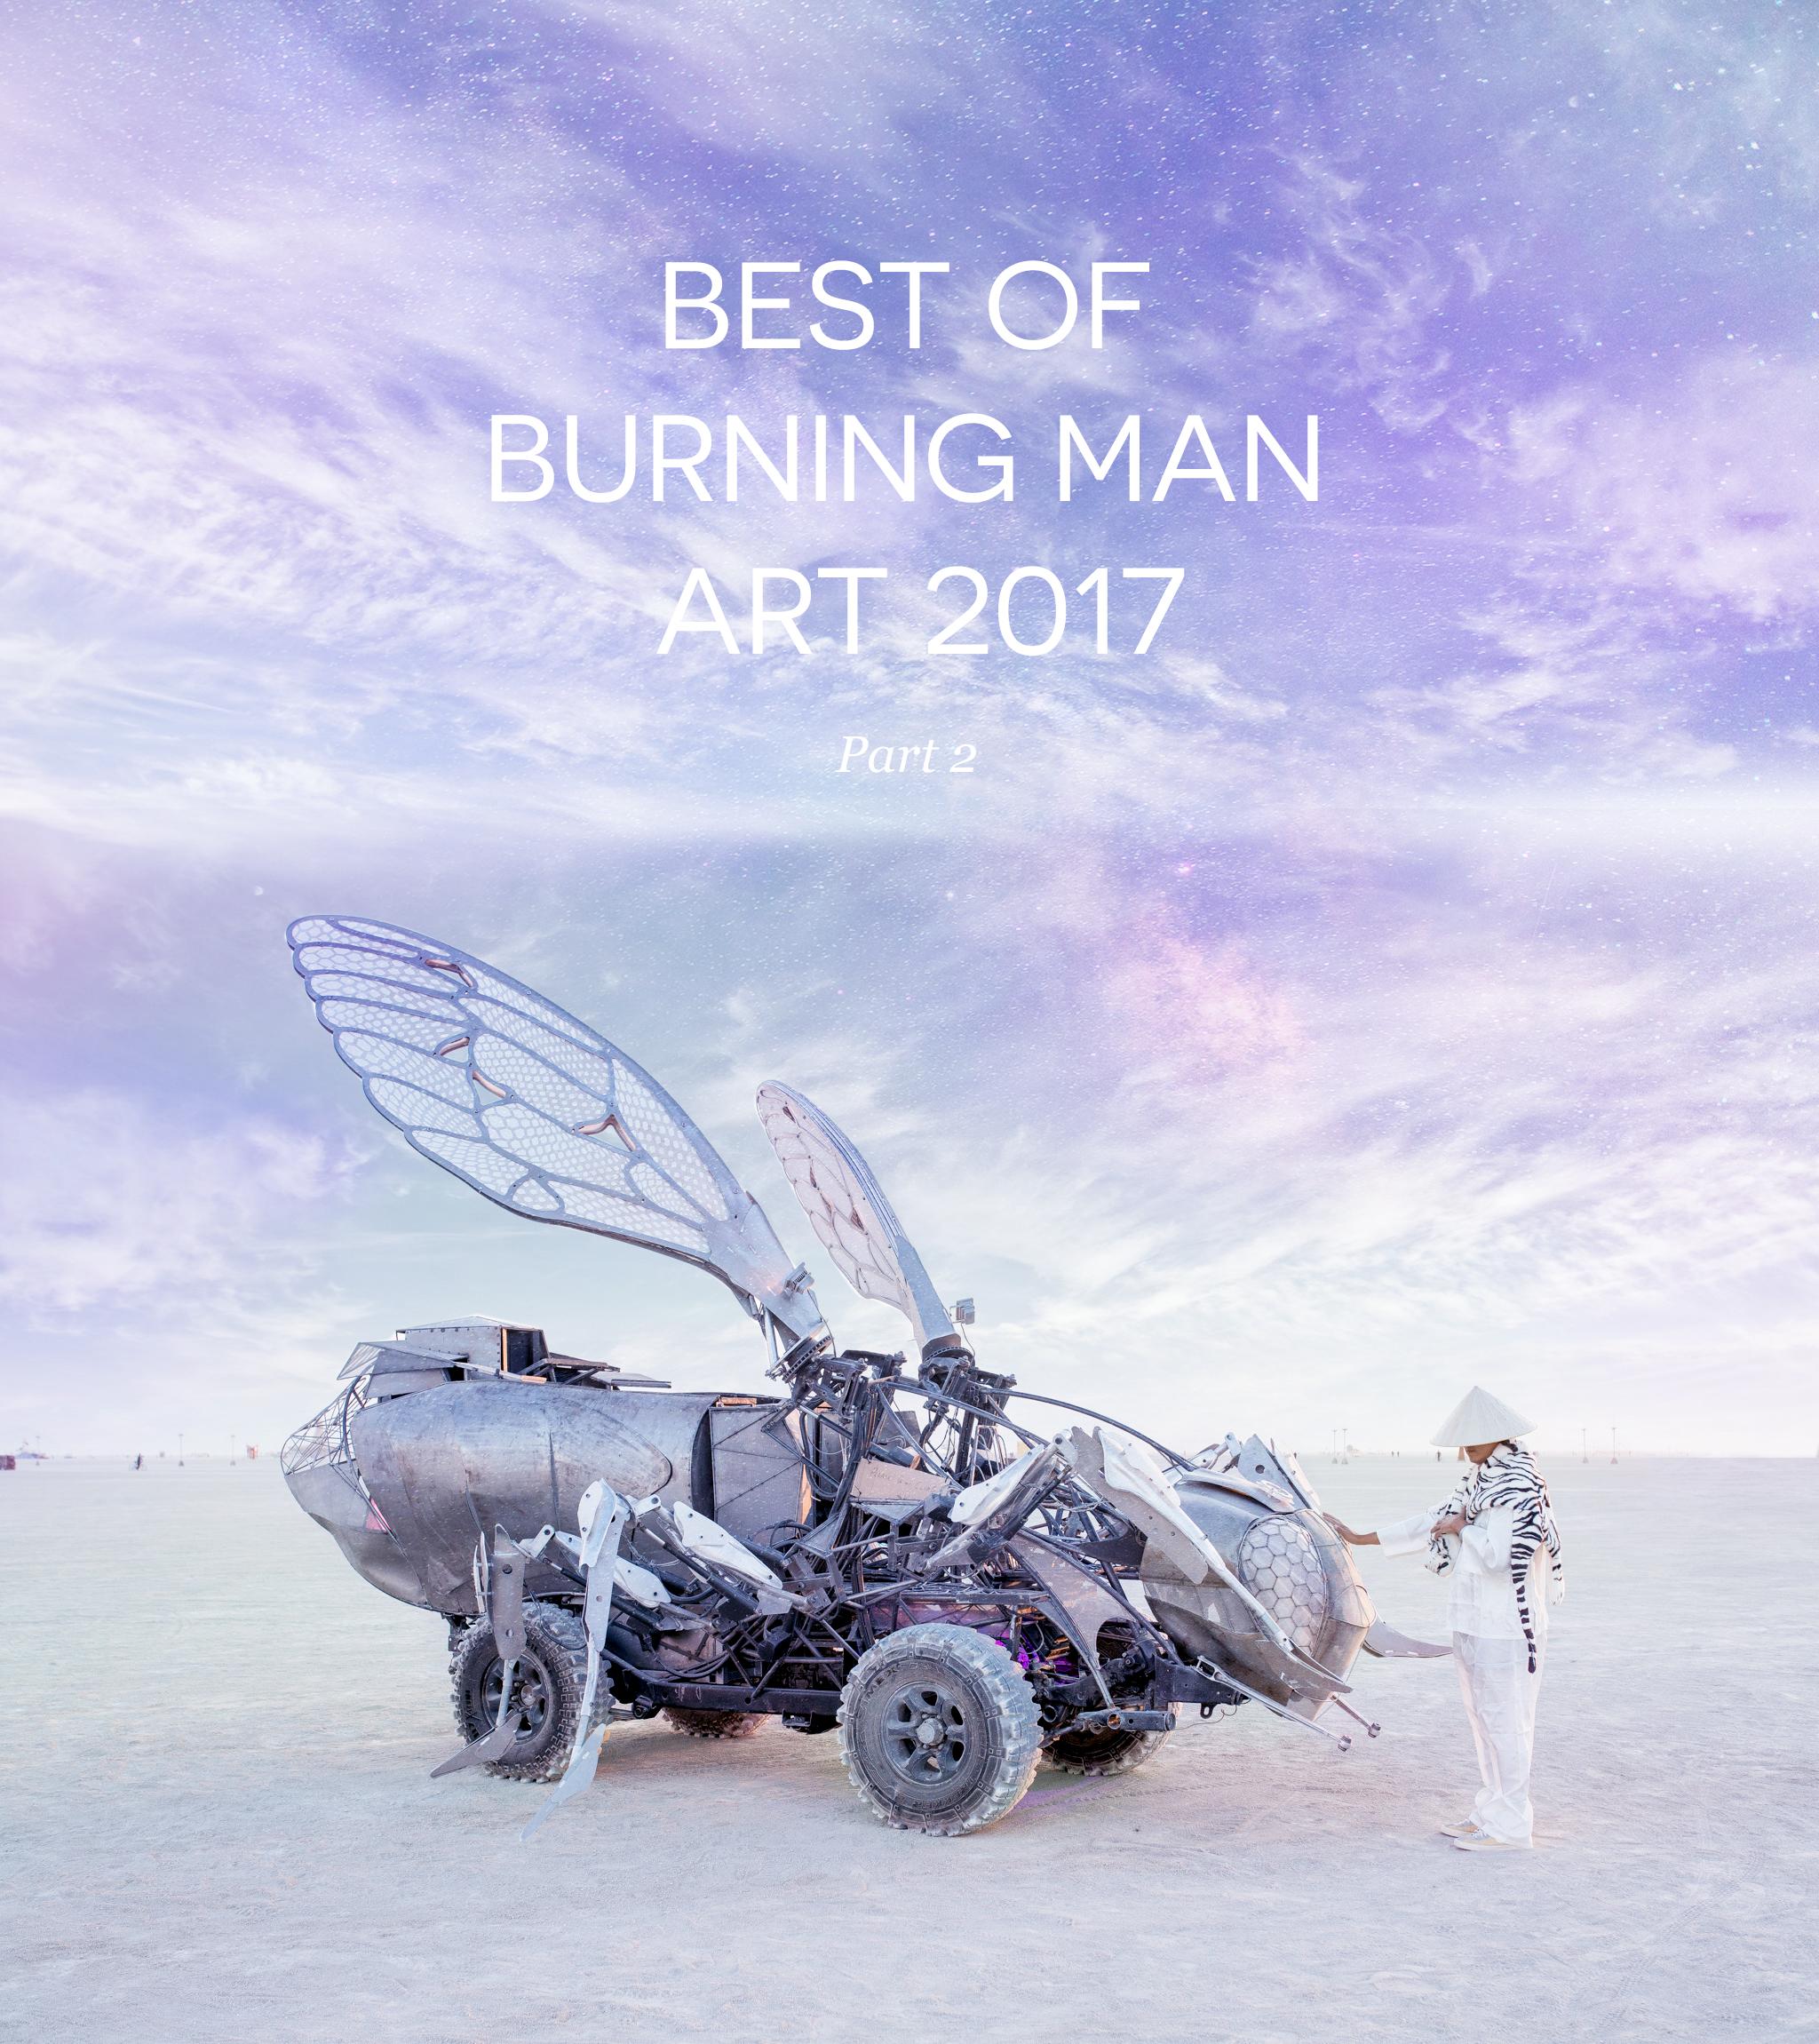 Best-Of-BM-ART-2017-PART2-cover.jpg